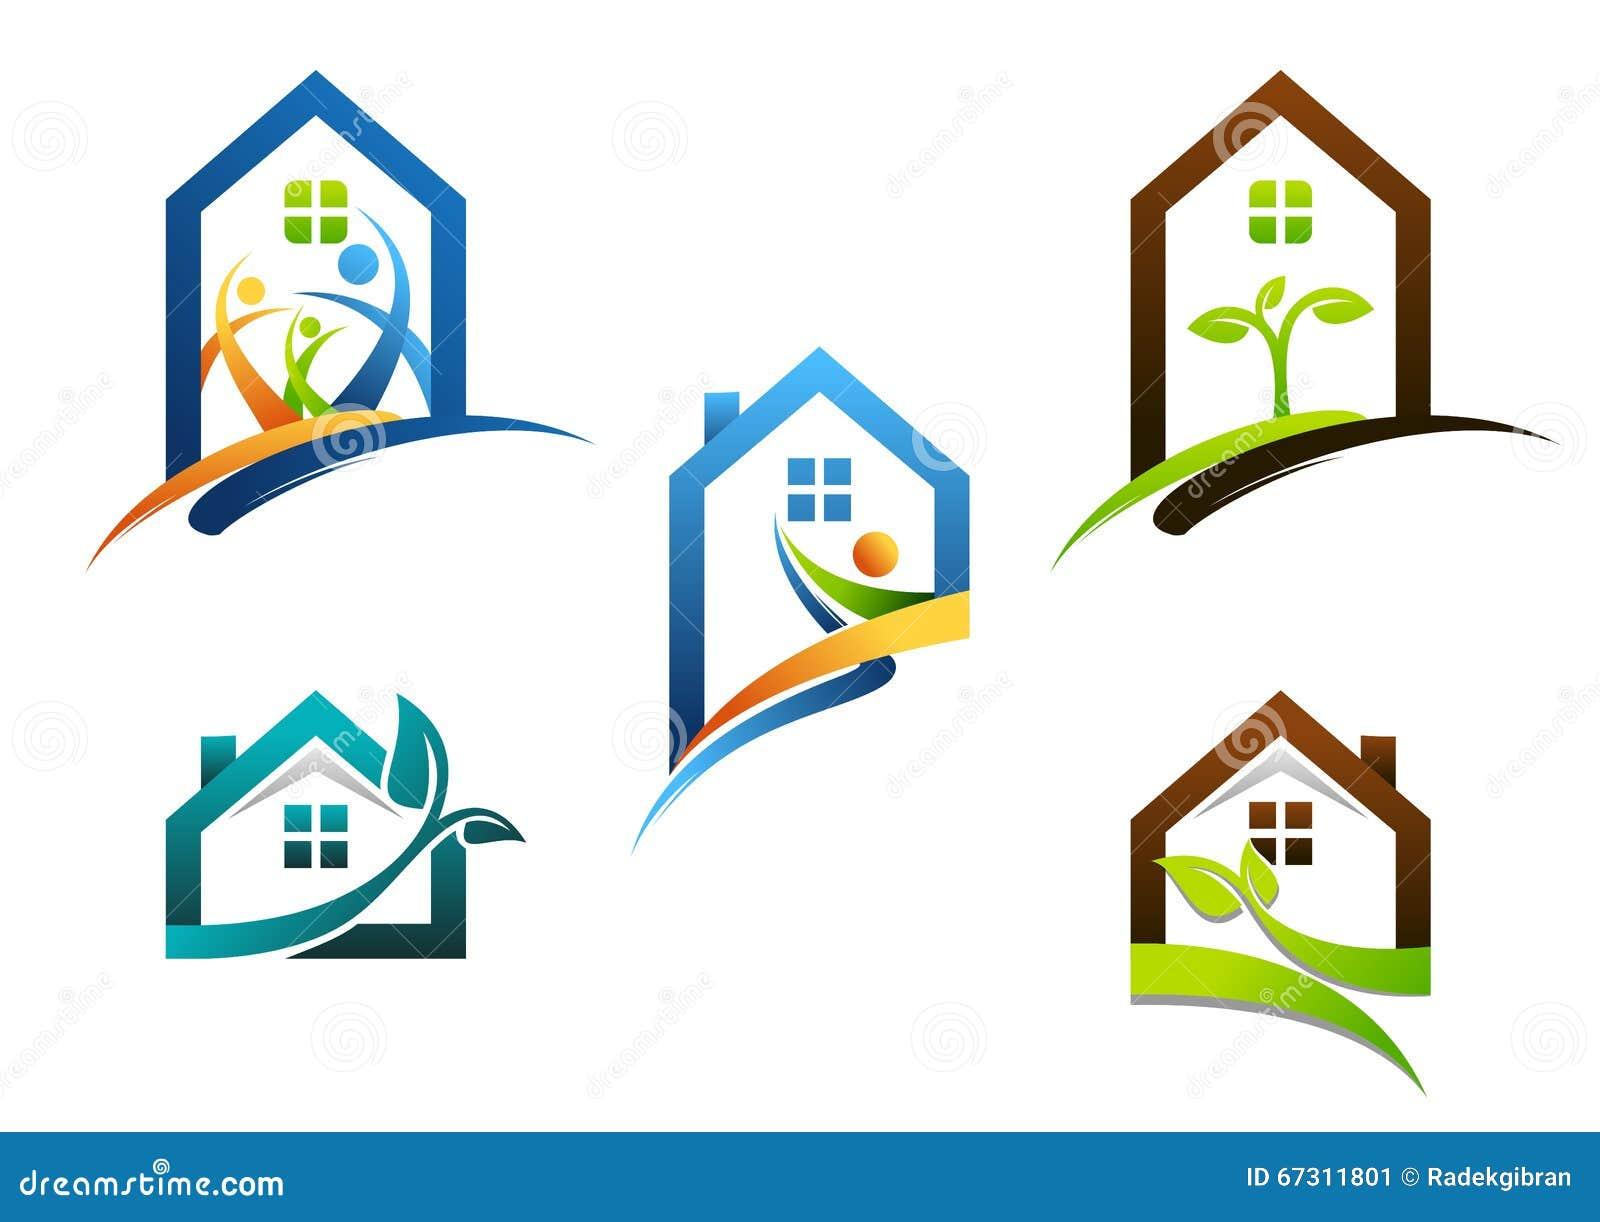 Haus, Immobilien, Haus, Logo, Wohngebäudeikonen, Sammlung ...